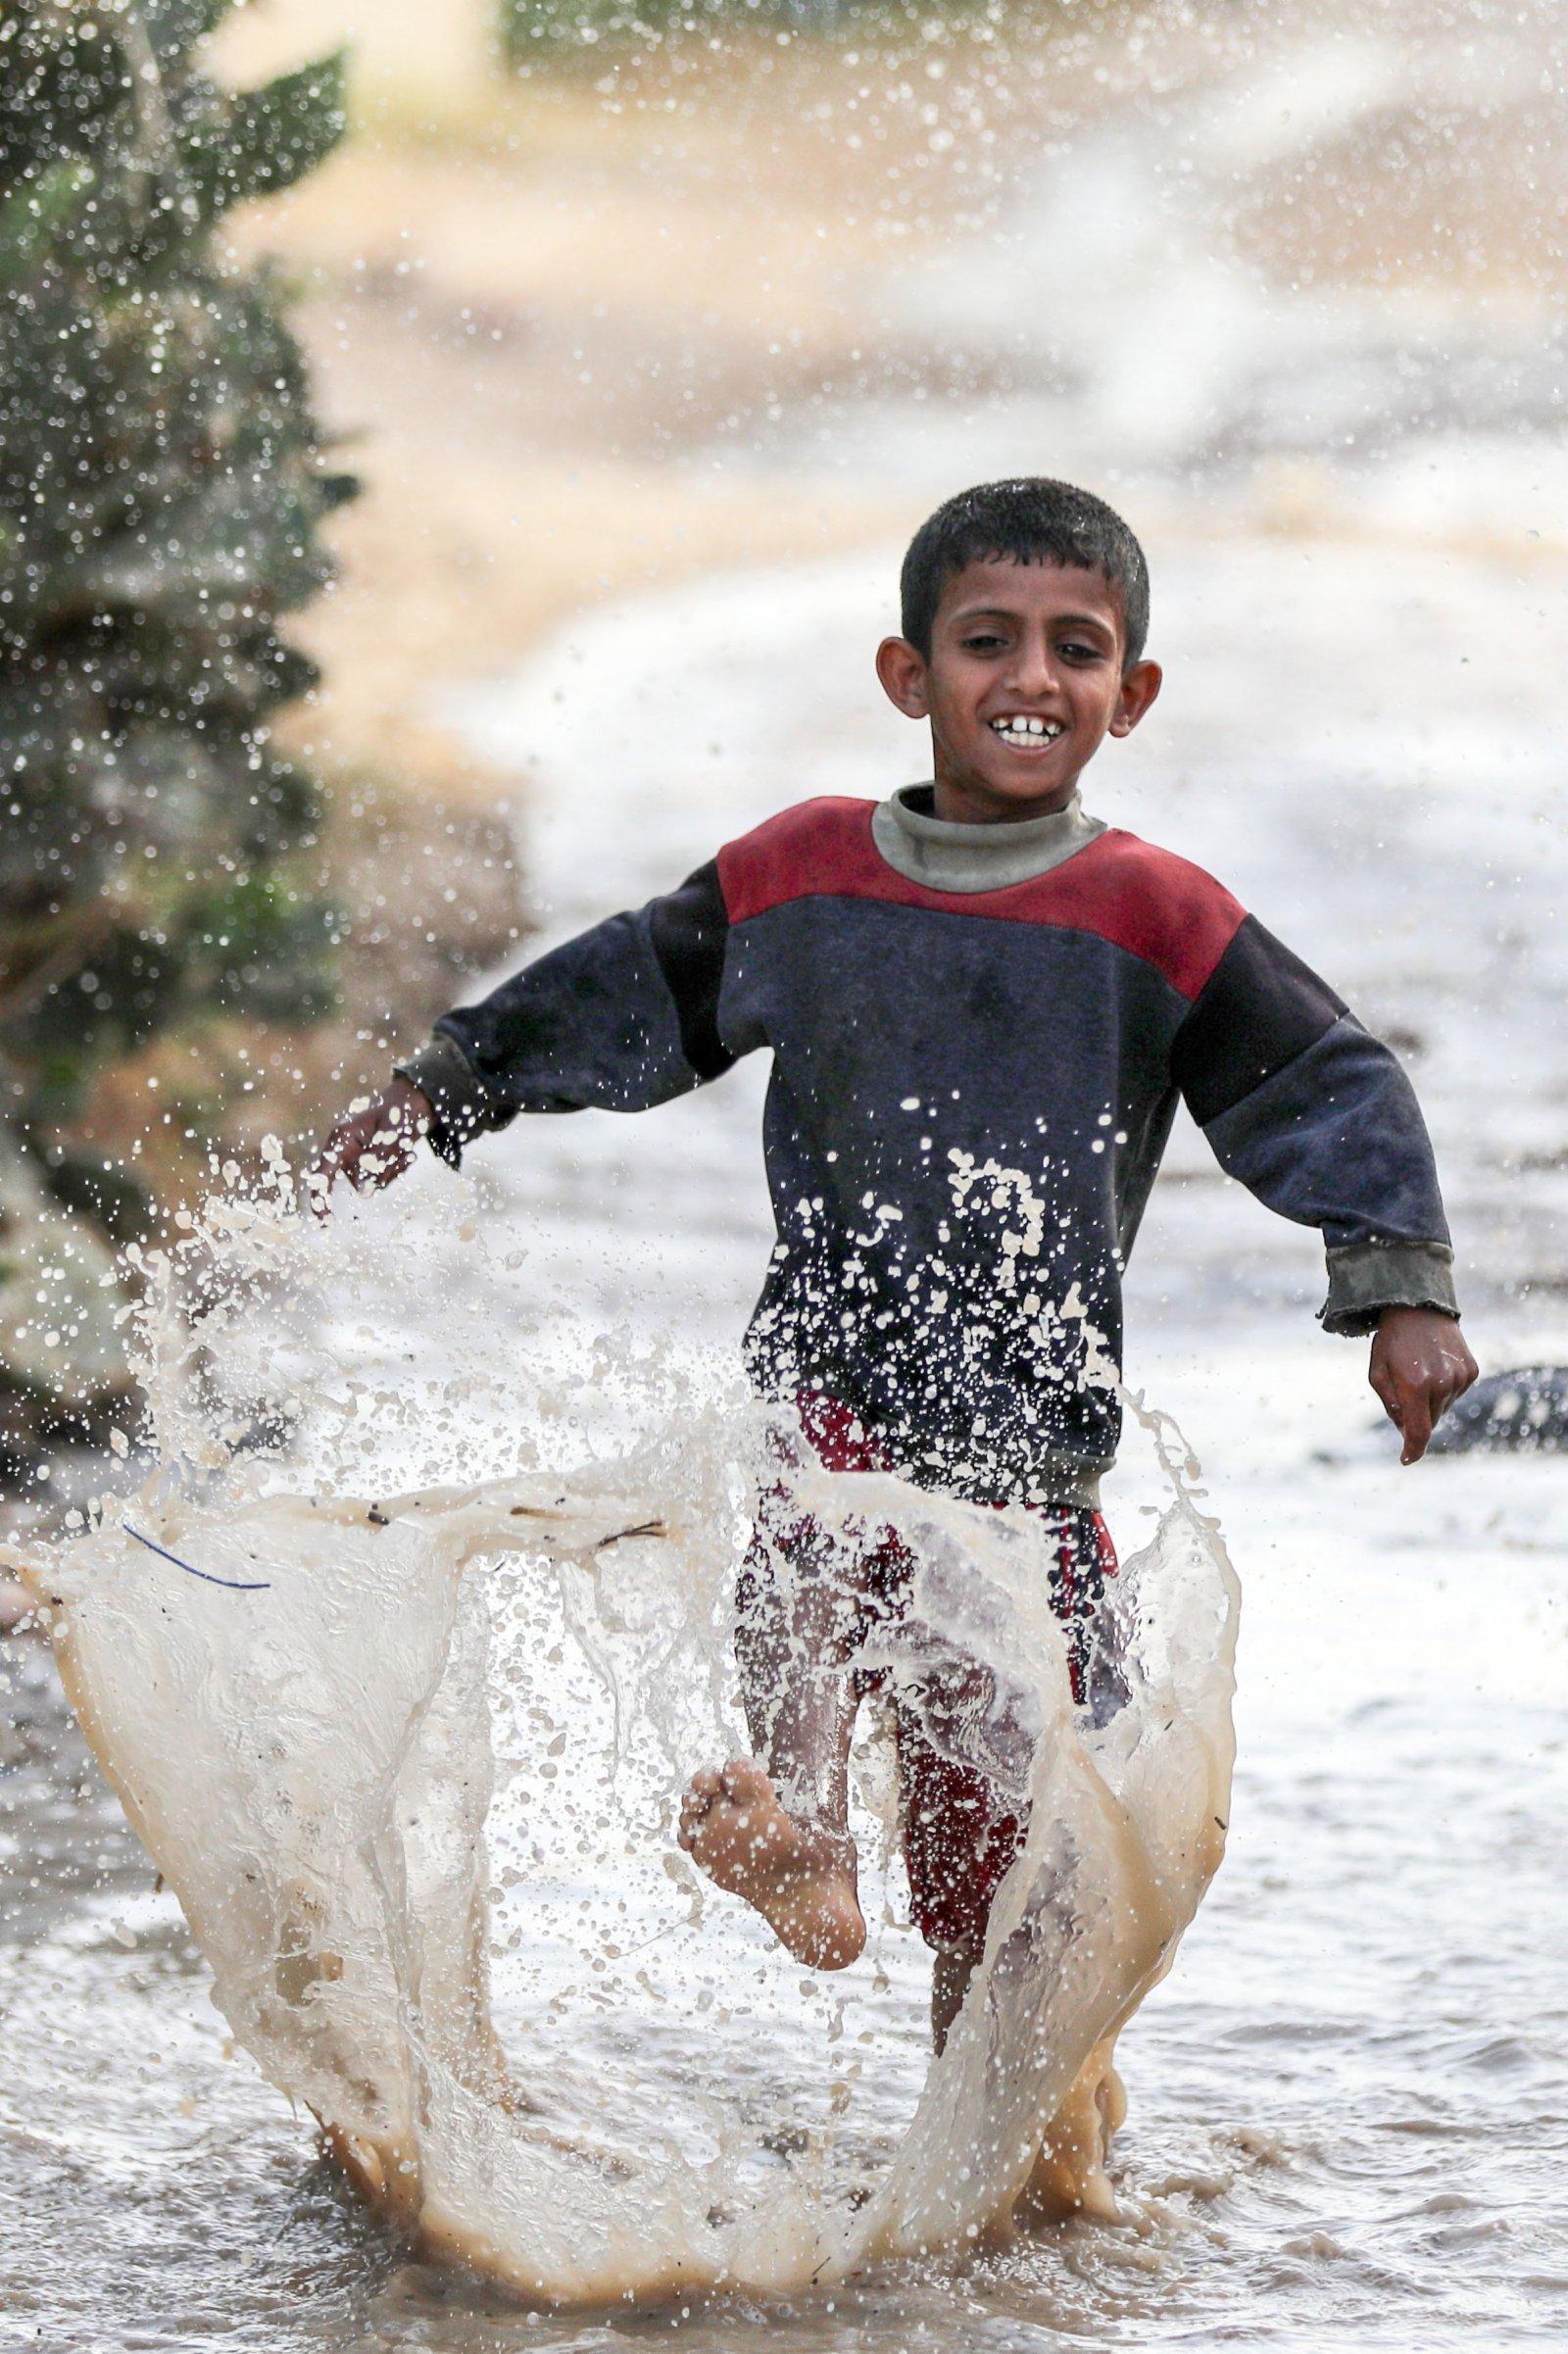 5月19日,加沙地帶的汗尤尼斯迎來高溫天氣,巴勒斯坦男孩在一處水坑中嬉戲。(新華社)